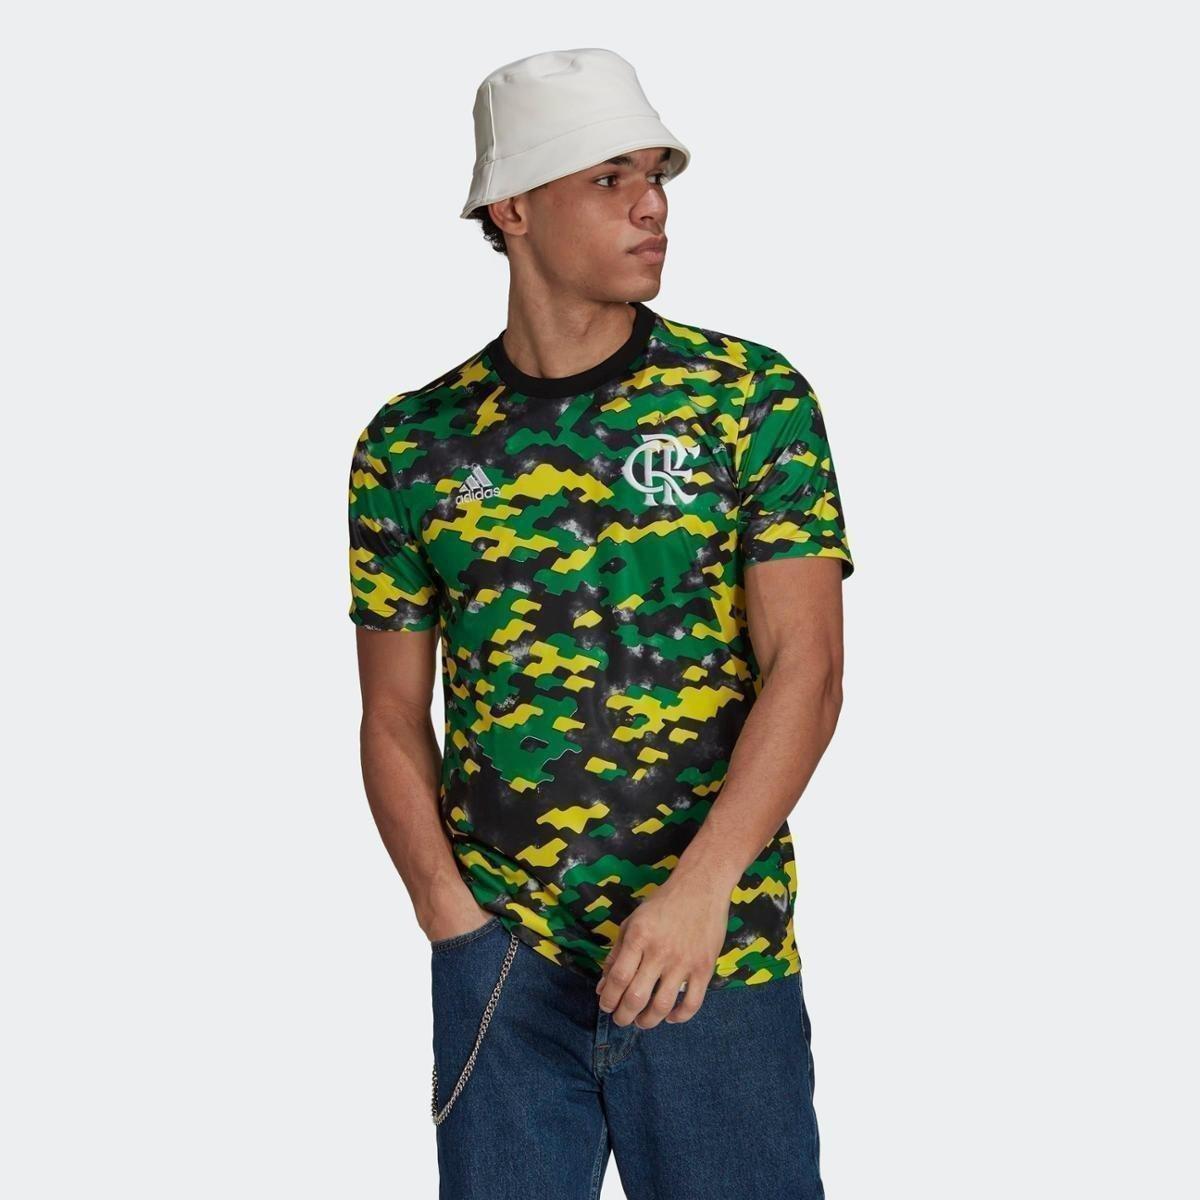 Camisa Pré-Jogo CR Flamengo 1 Adidas - Amarelo+Preto